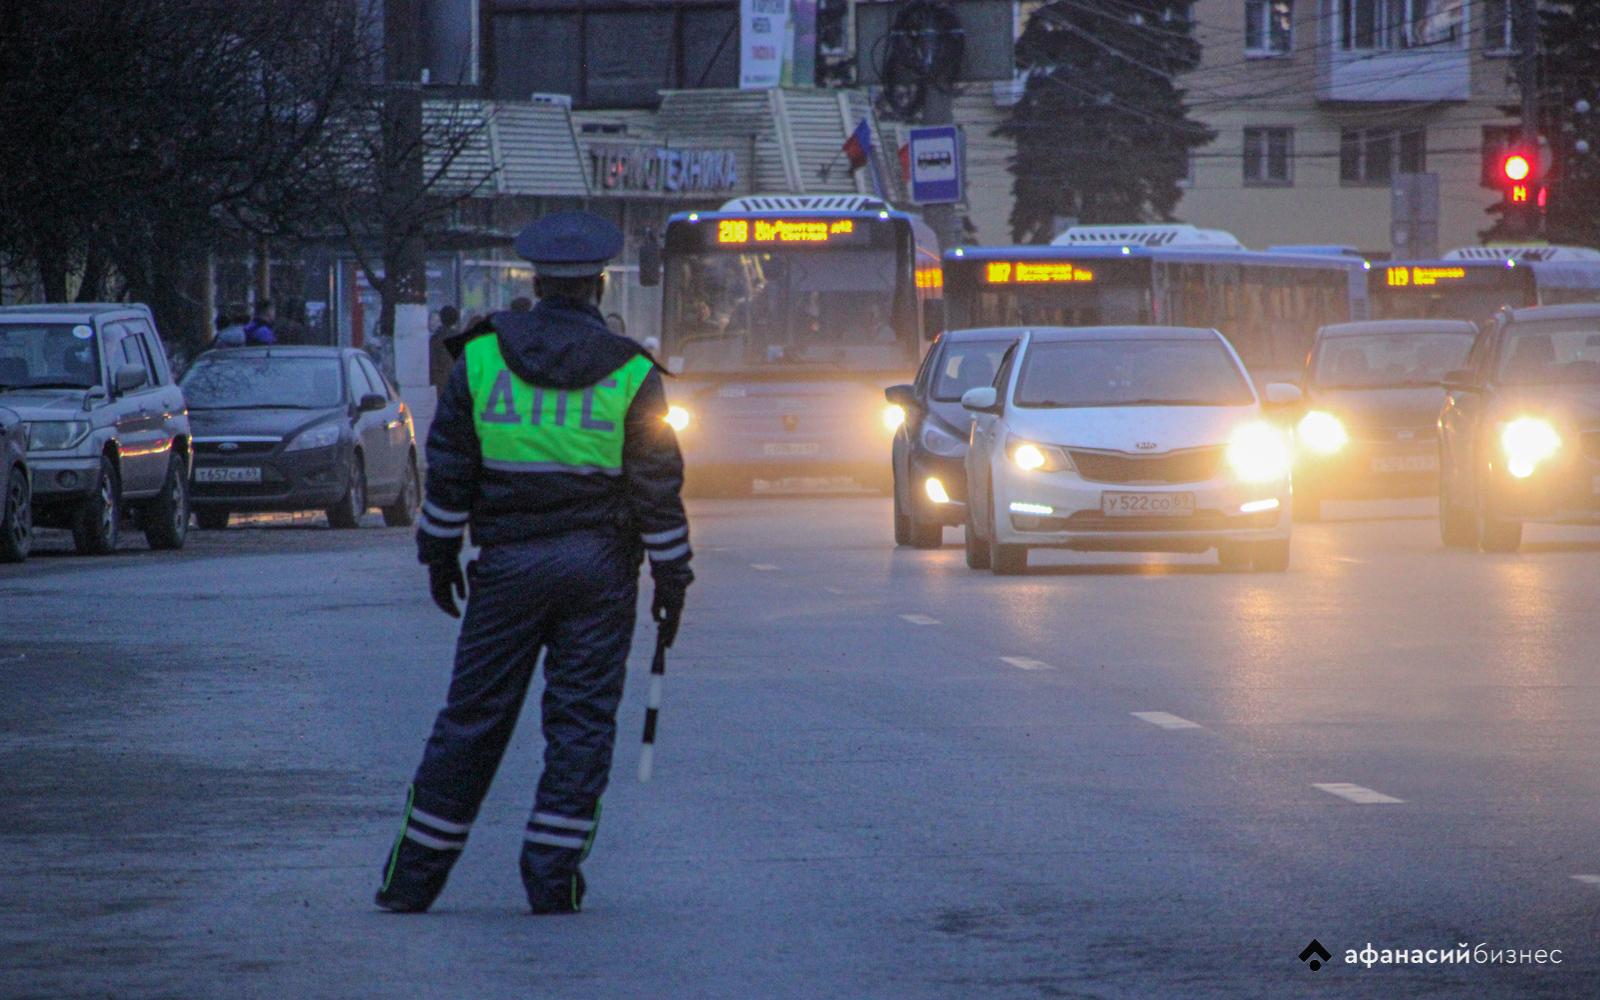 В Твери разыскивают очевидцев наезда на велосипедиста на улице Фадеева - новости Афанасий